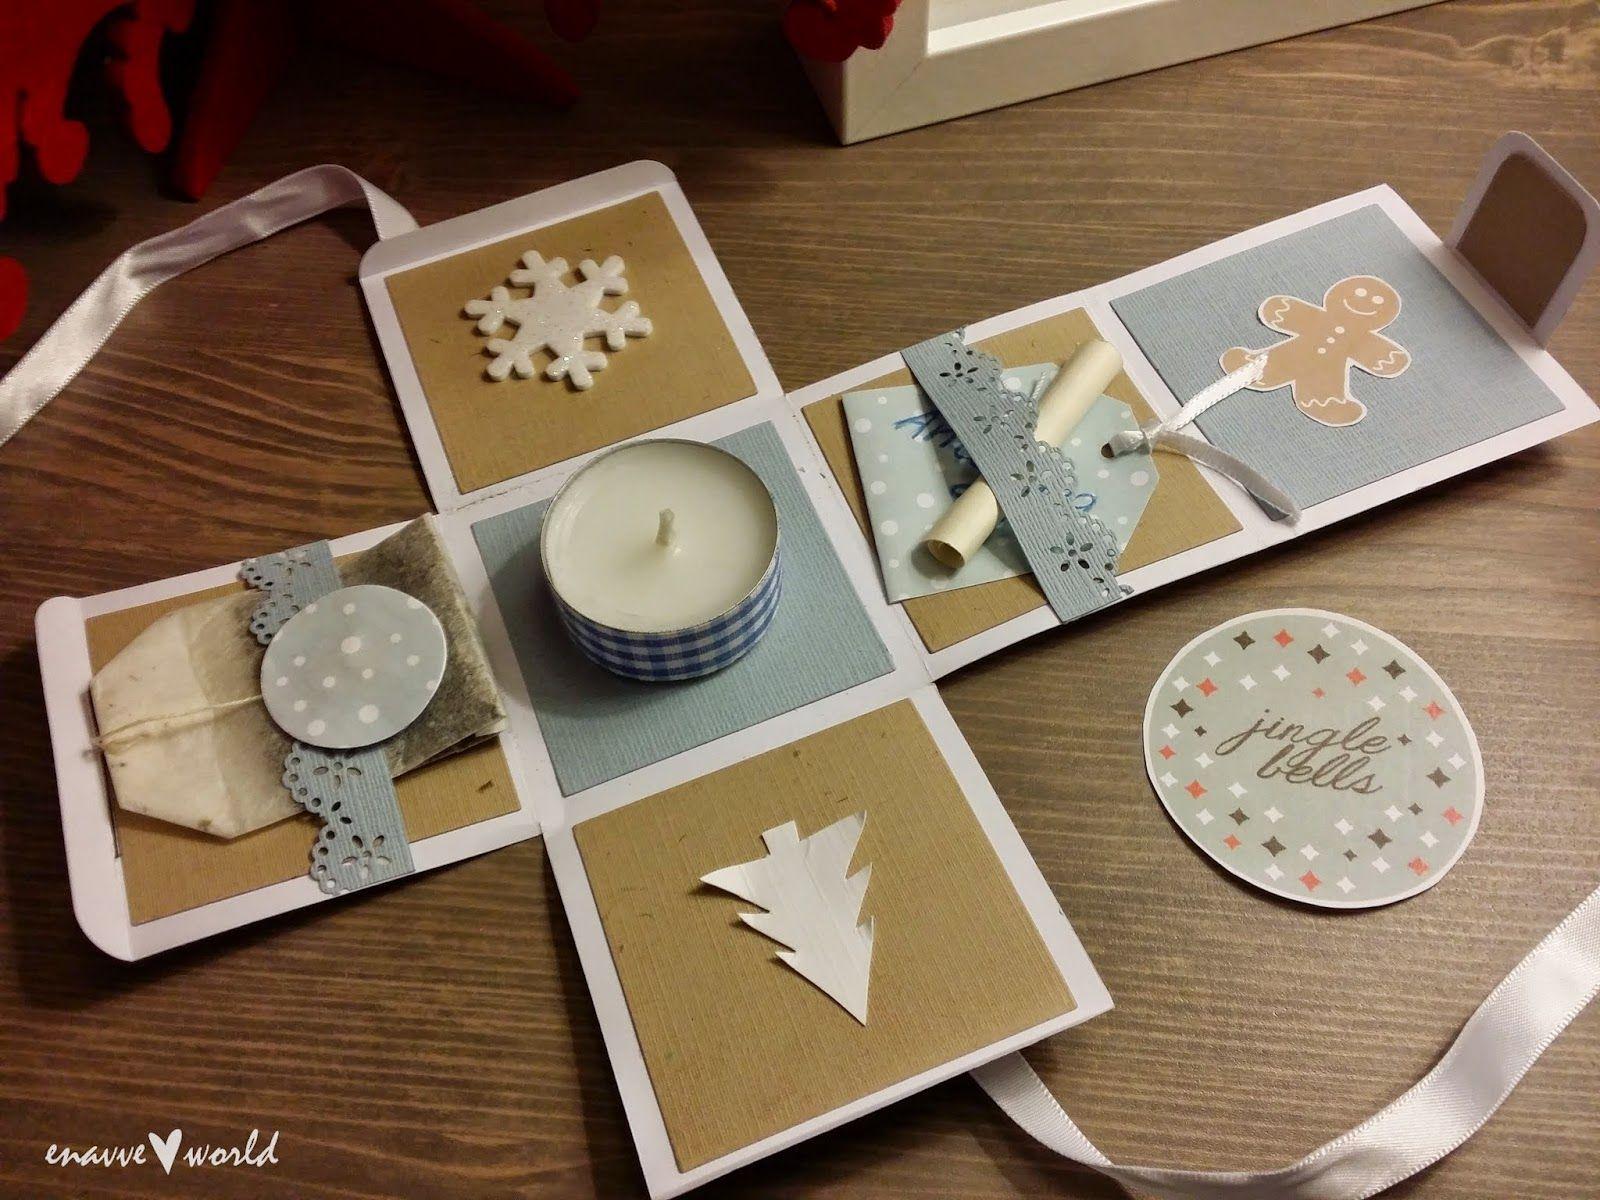 enavve world : Kleine Geschenke: Entspannungsbox | Geschenkideen ...